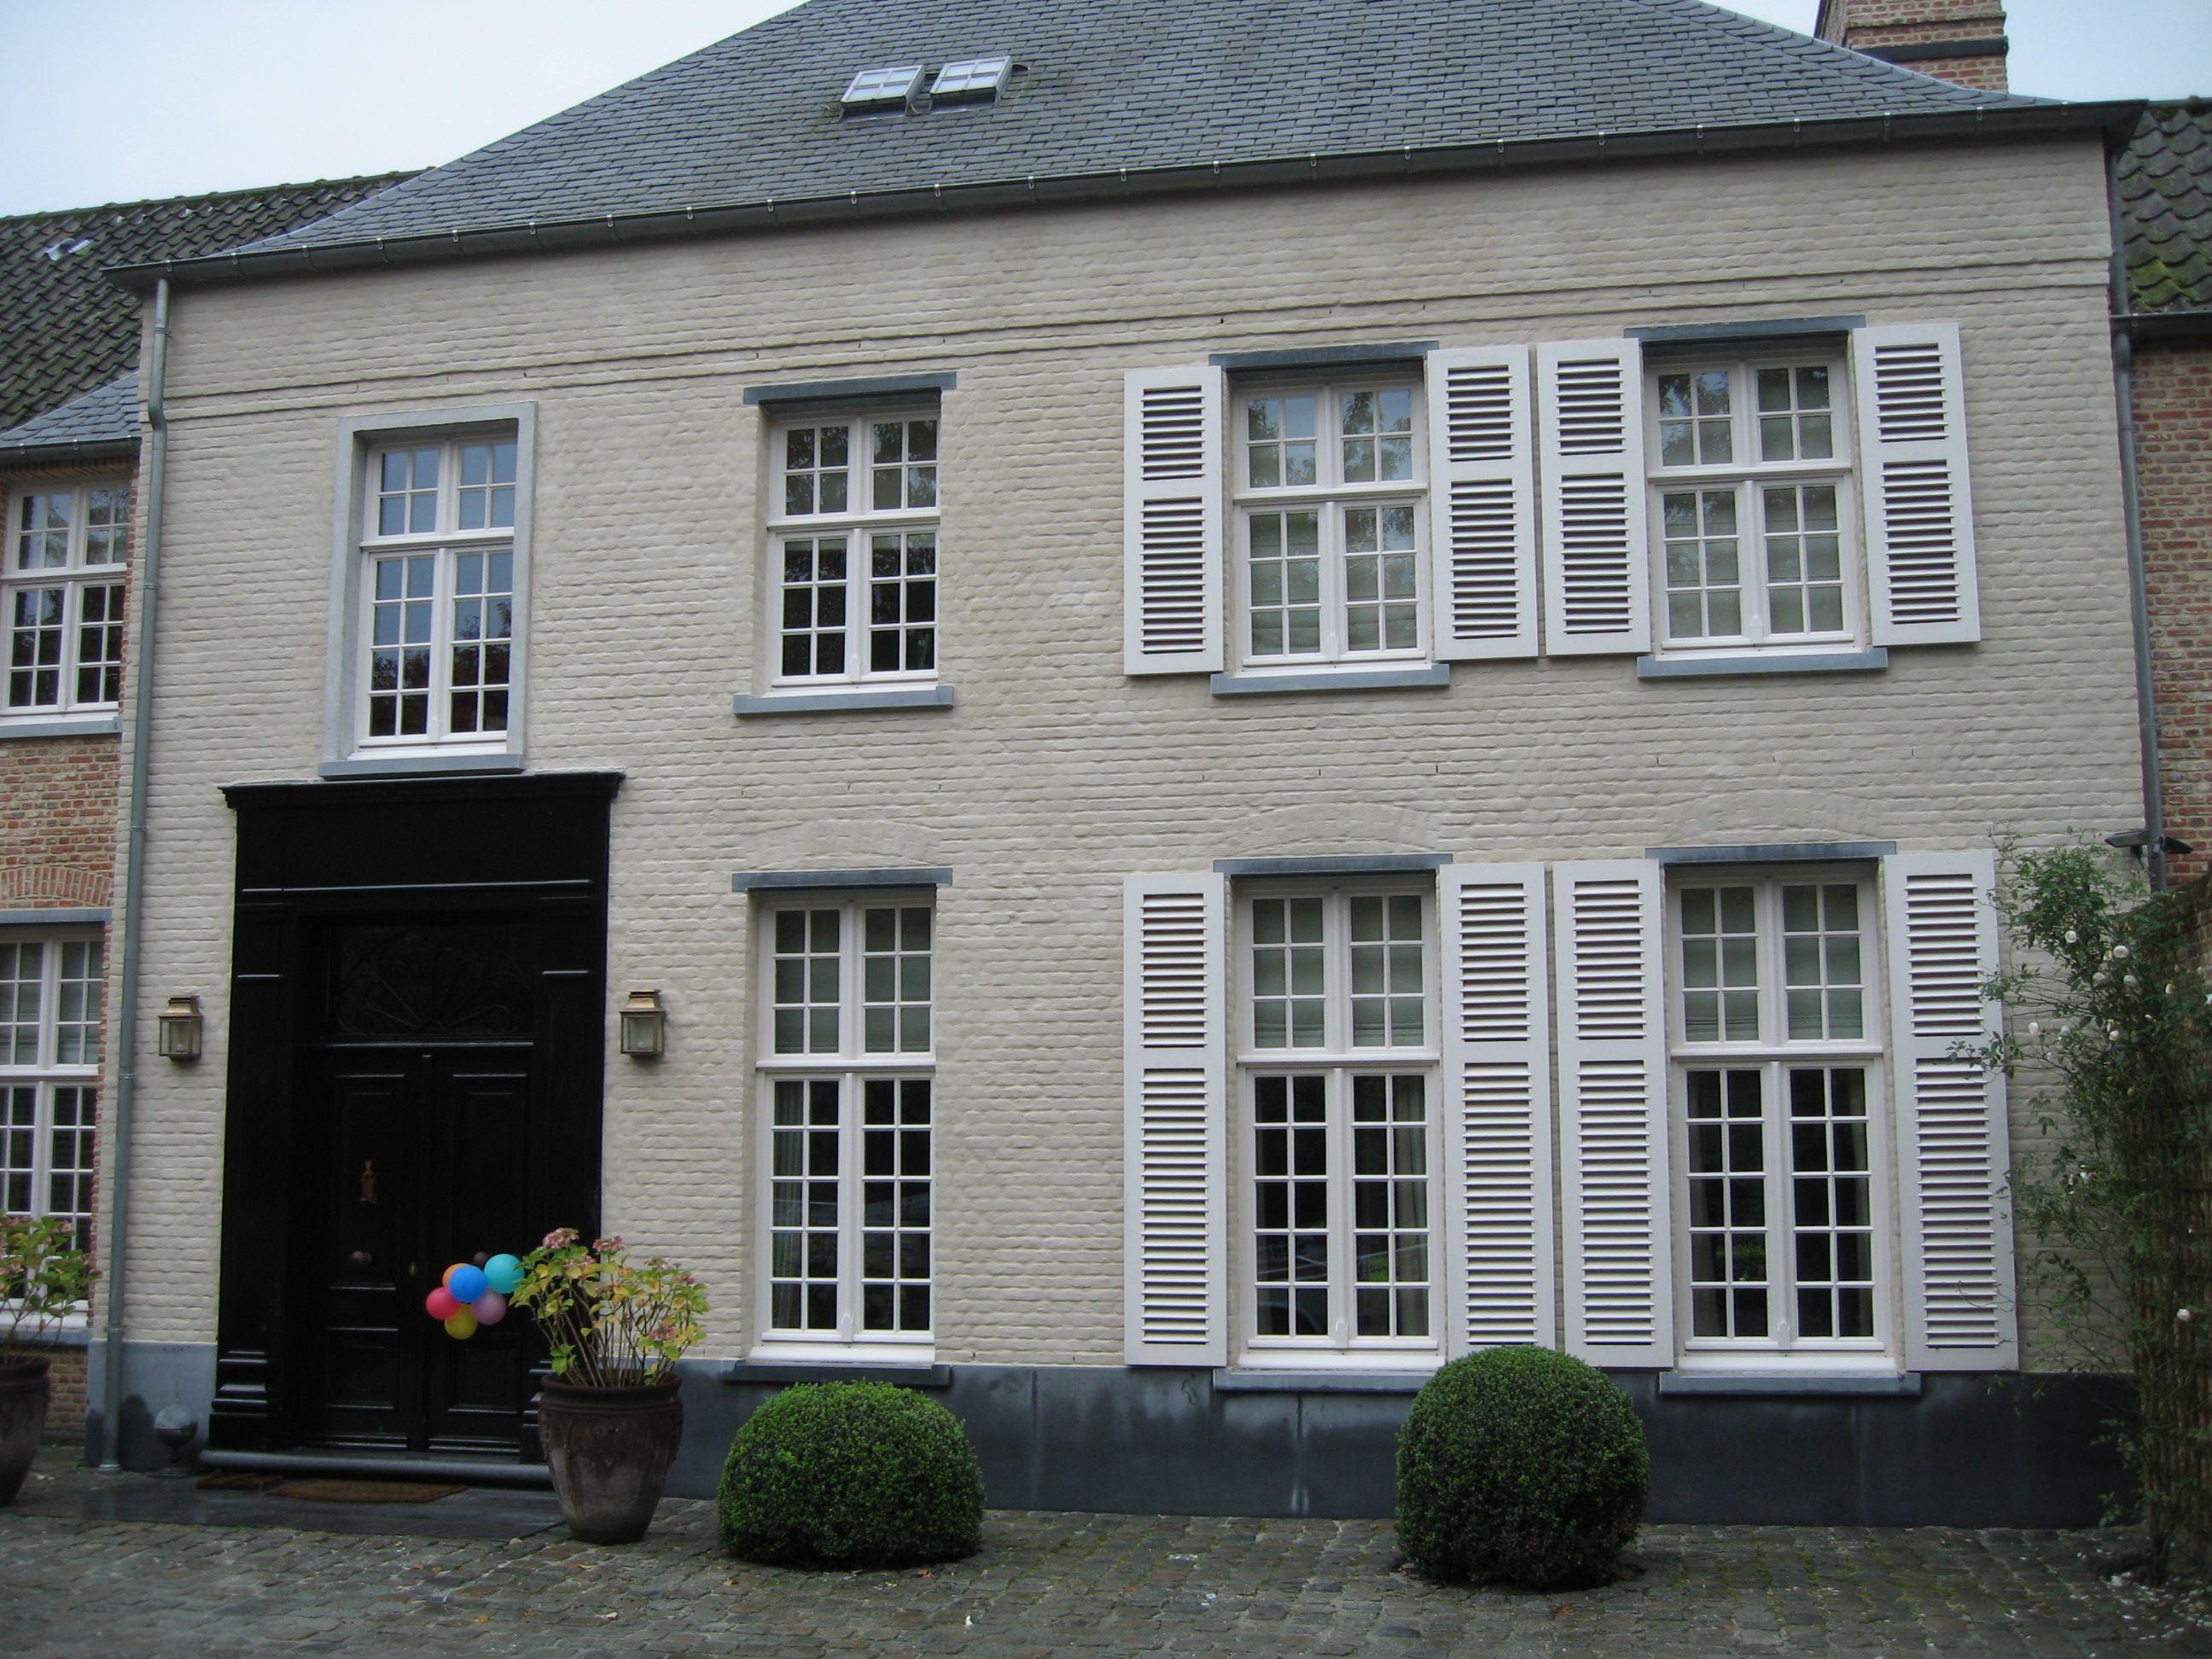 Kaleien voor en na kalk 2 pixels gevels pinterest buitenkanten van huizen - Exterieur ingang eigentijds huis ...